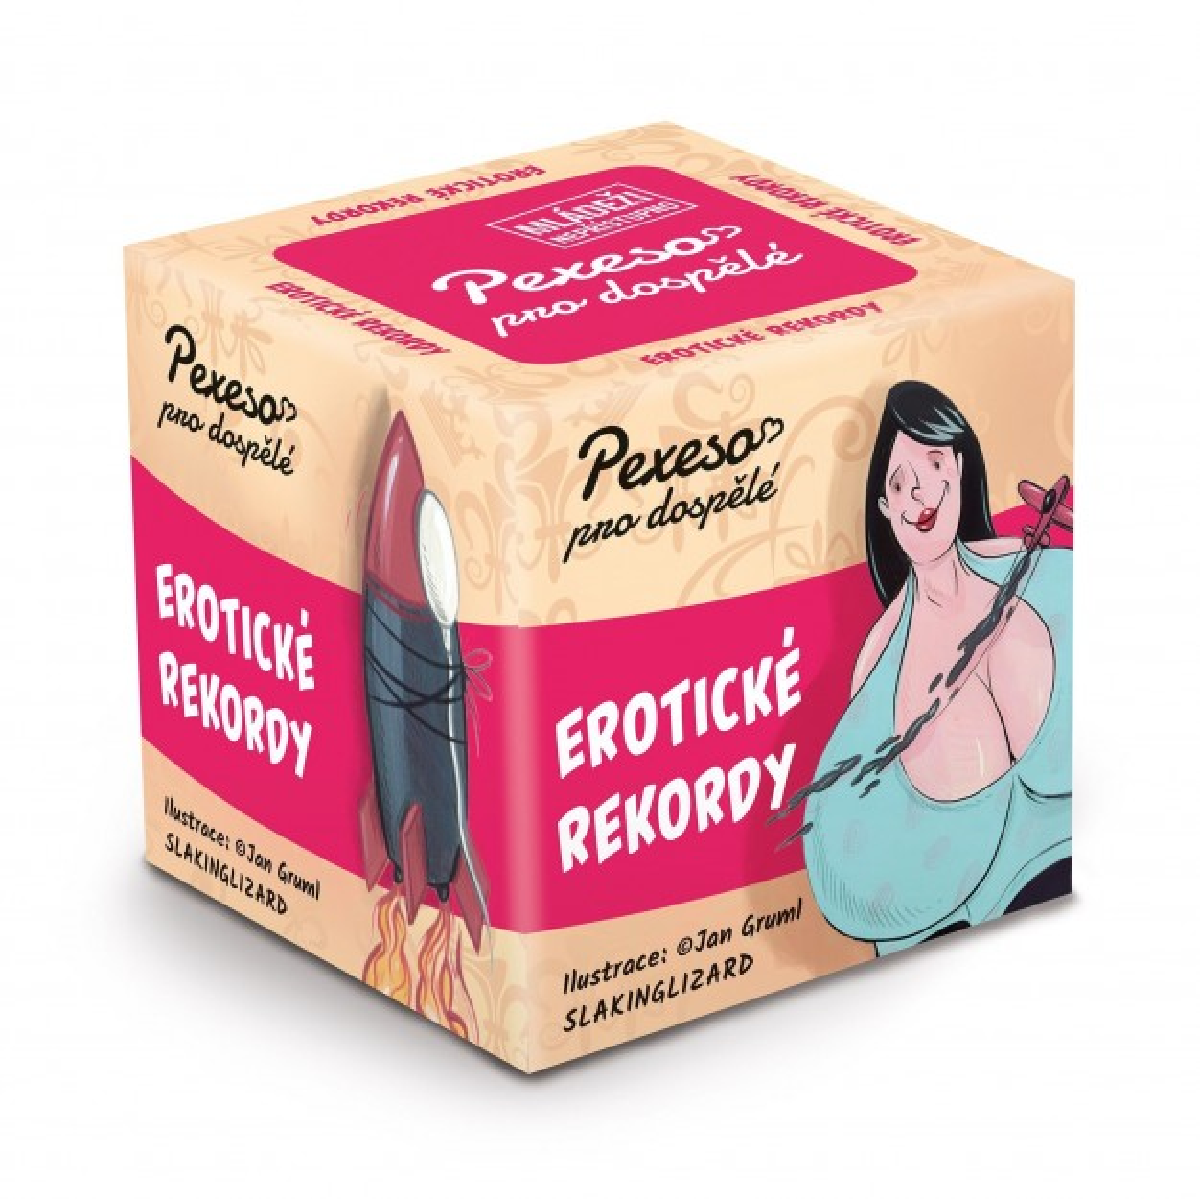 Albi Hříšné pexeso - Erotické rekordy, erotické pexeso pro dospělé